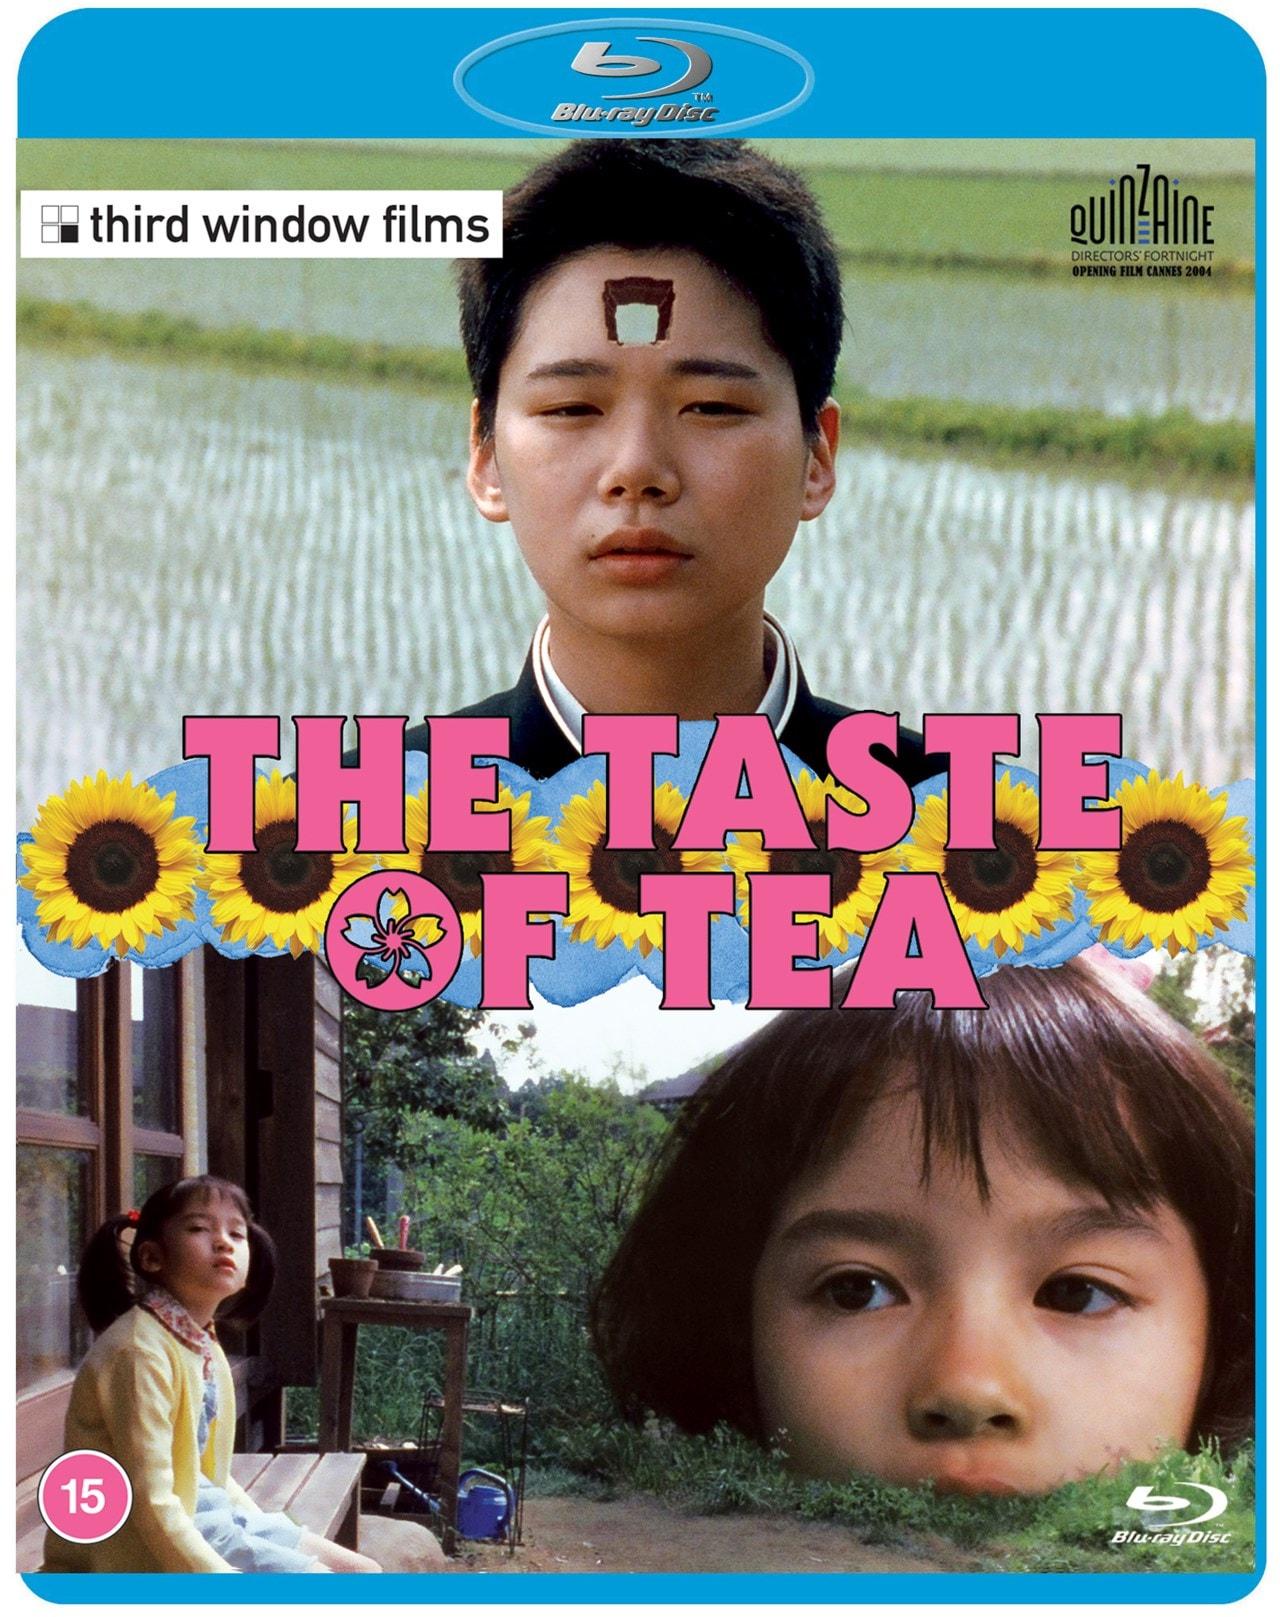 The Taste of Tea - 1